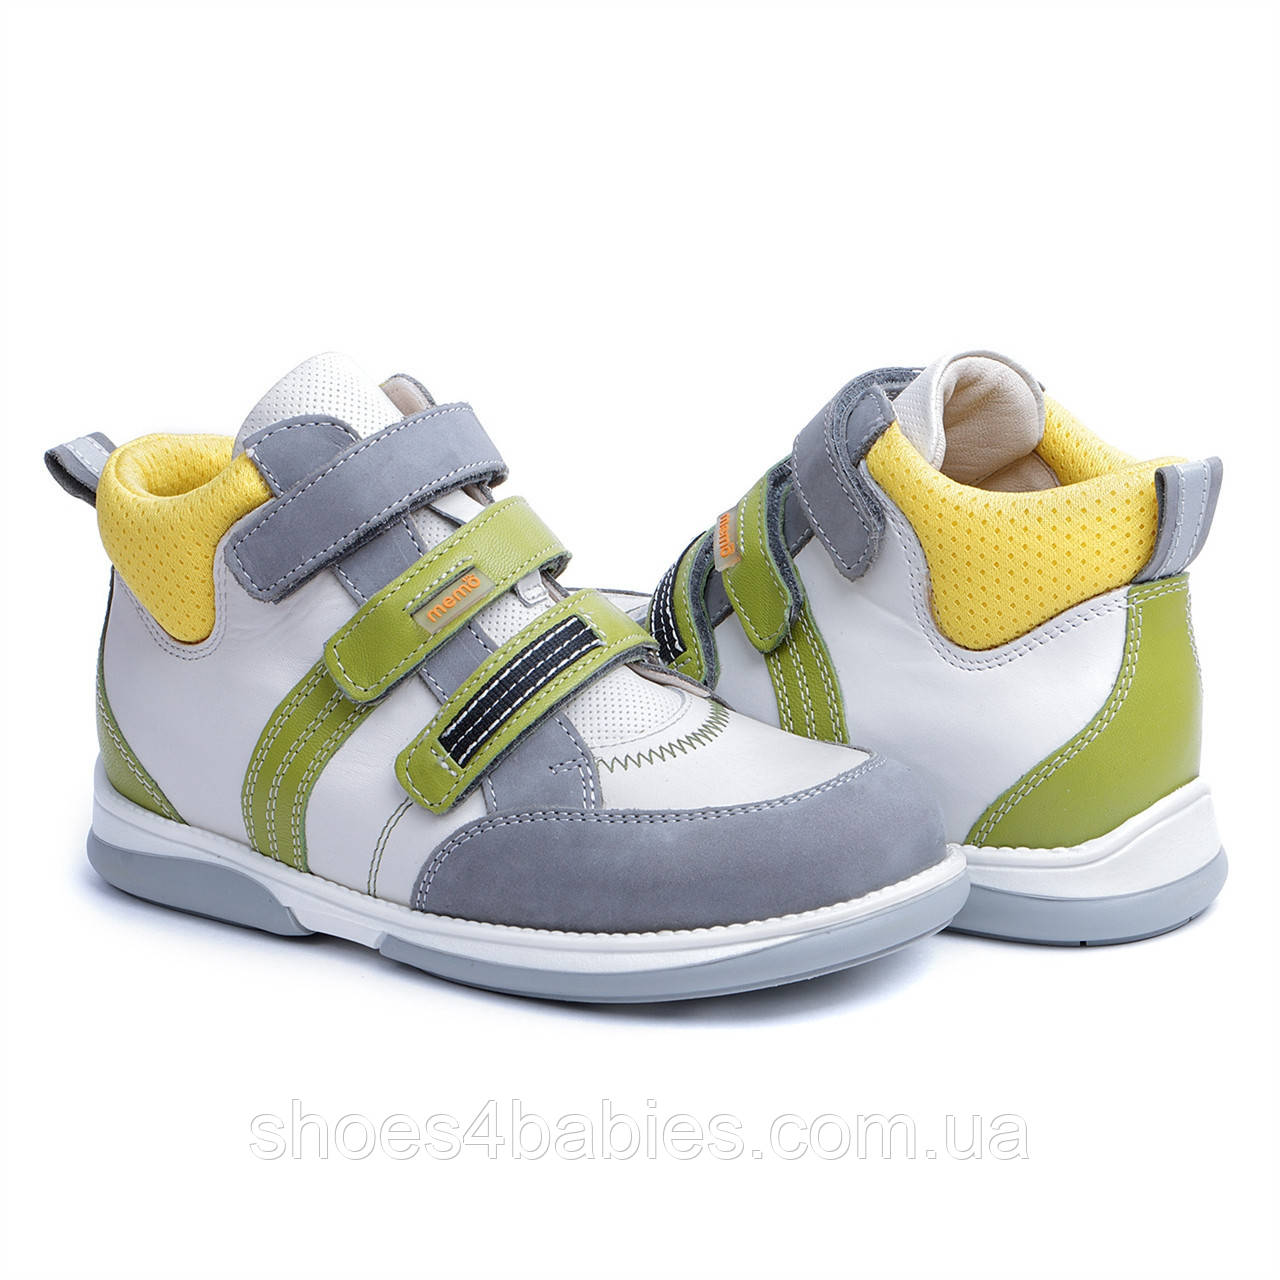 Memo Polo Белые - Ортопедические кроссовки для детей